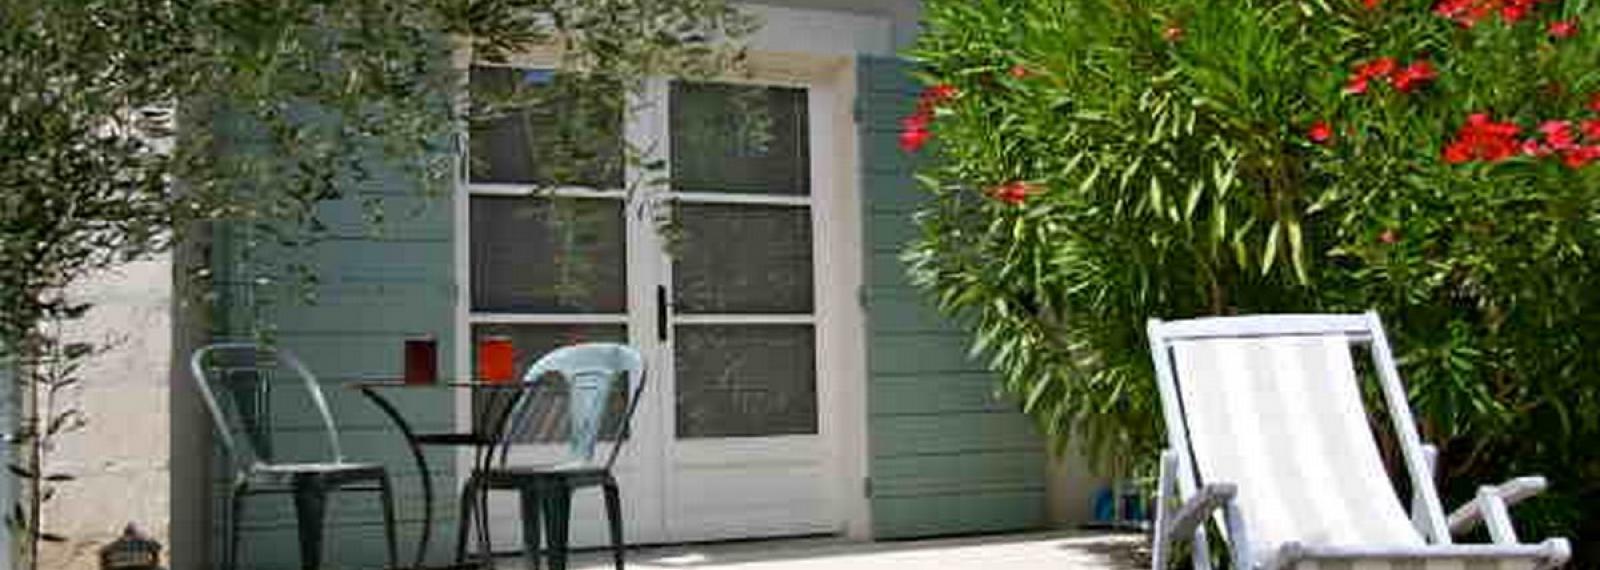 Chambres d'hôtes Au Mas de L'Estello à Saint-Rémy-de-Provence